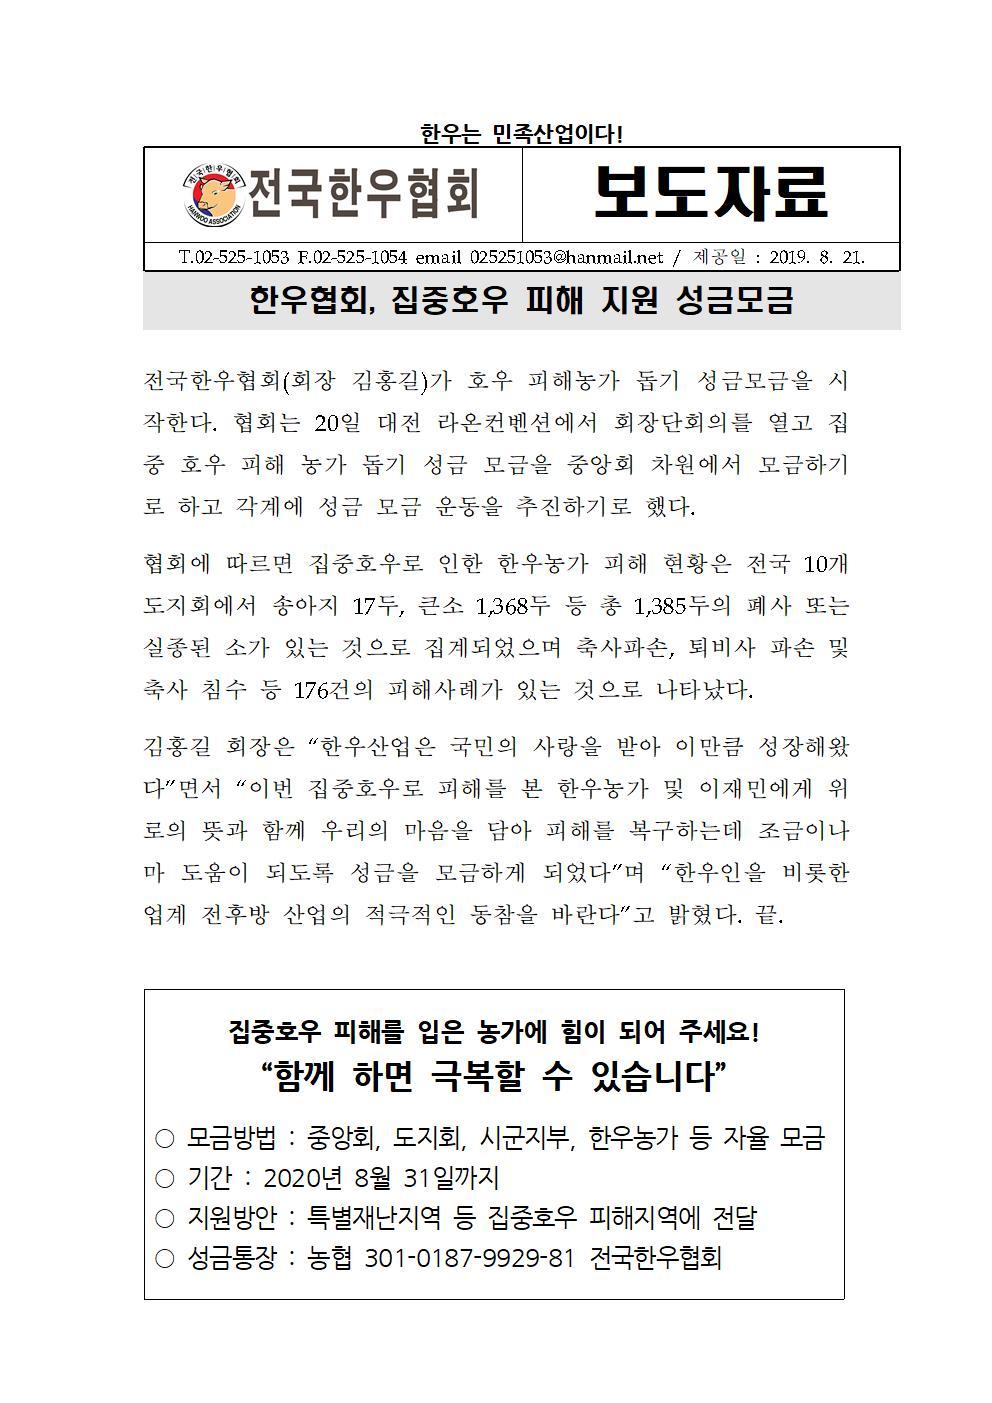 2020.08.21 보도자료-한우농가 수해돕기 성금모금001.jpg